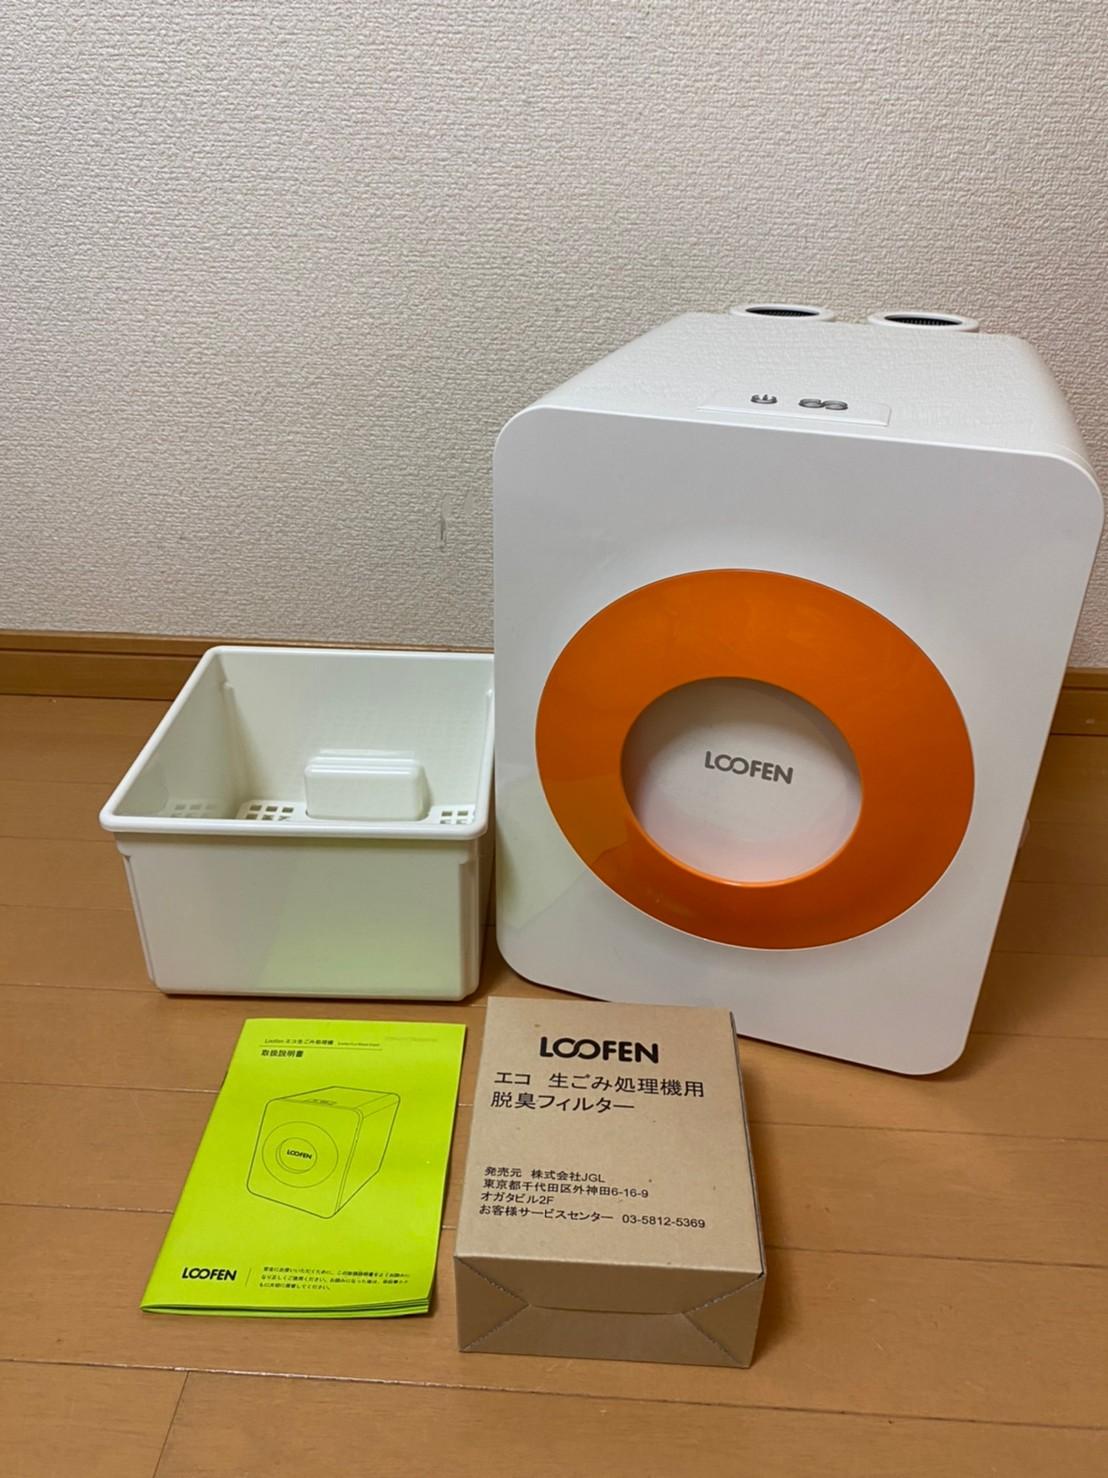 LOOFEN 温風乾燥式 新着セール エコ 生ごみ処理機 お金を節約 ホワイト 中古 オレンジ LF-07